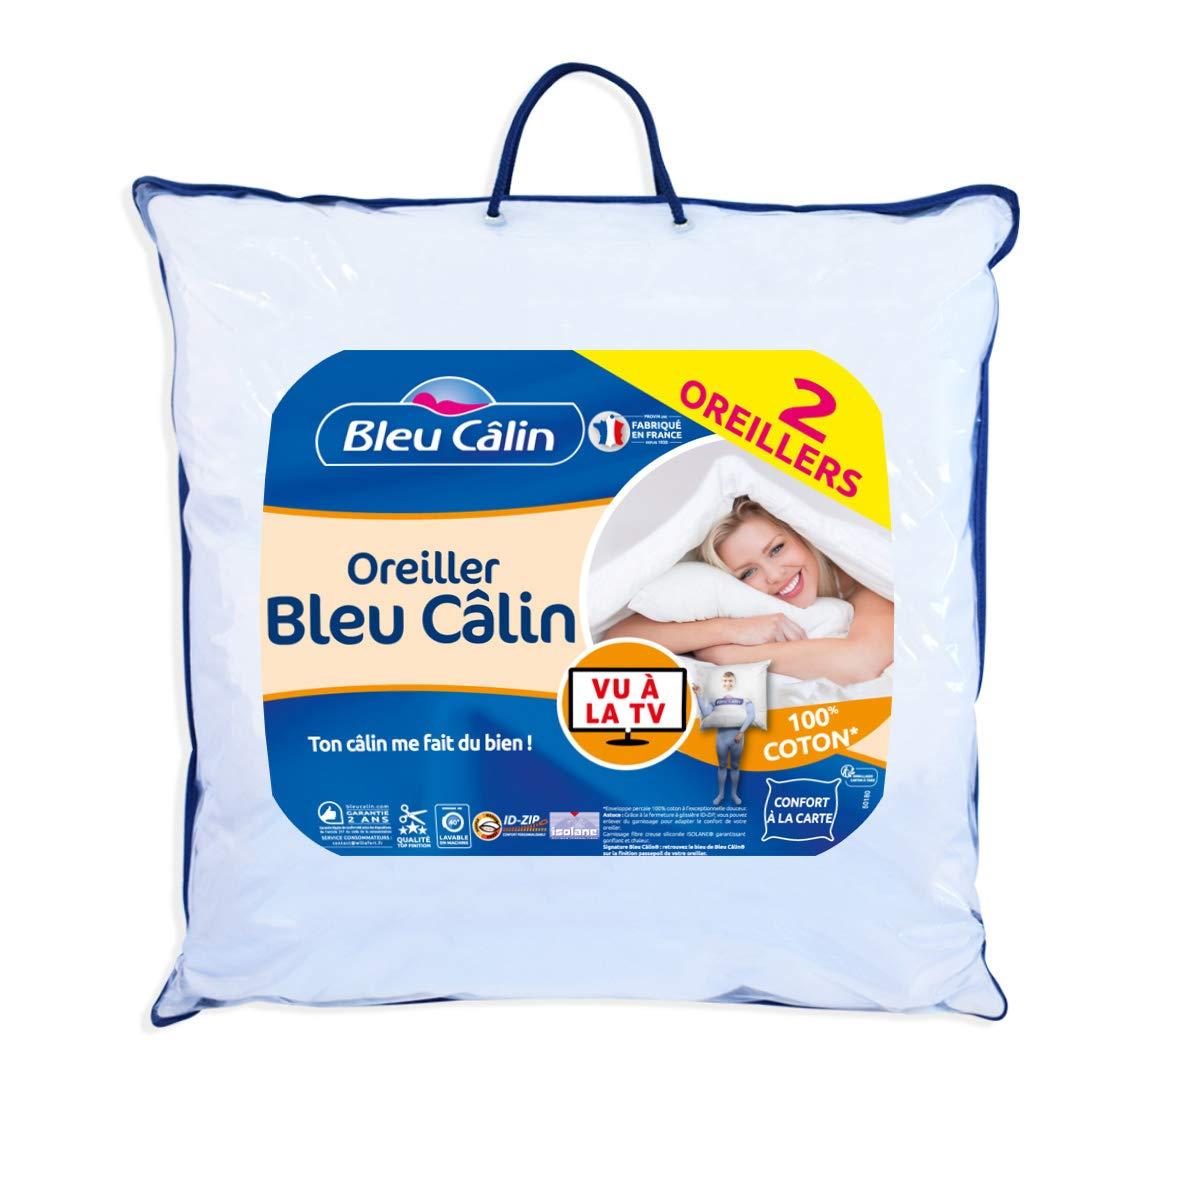 Bleu C/âlin Lot de 2 Oreillers Blanc OBCI550600 LOT2 60x60 cm